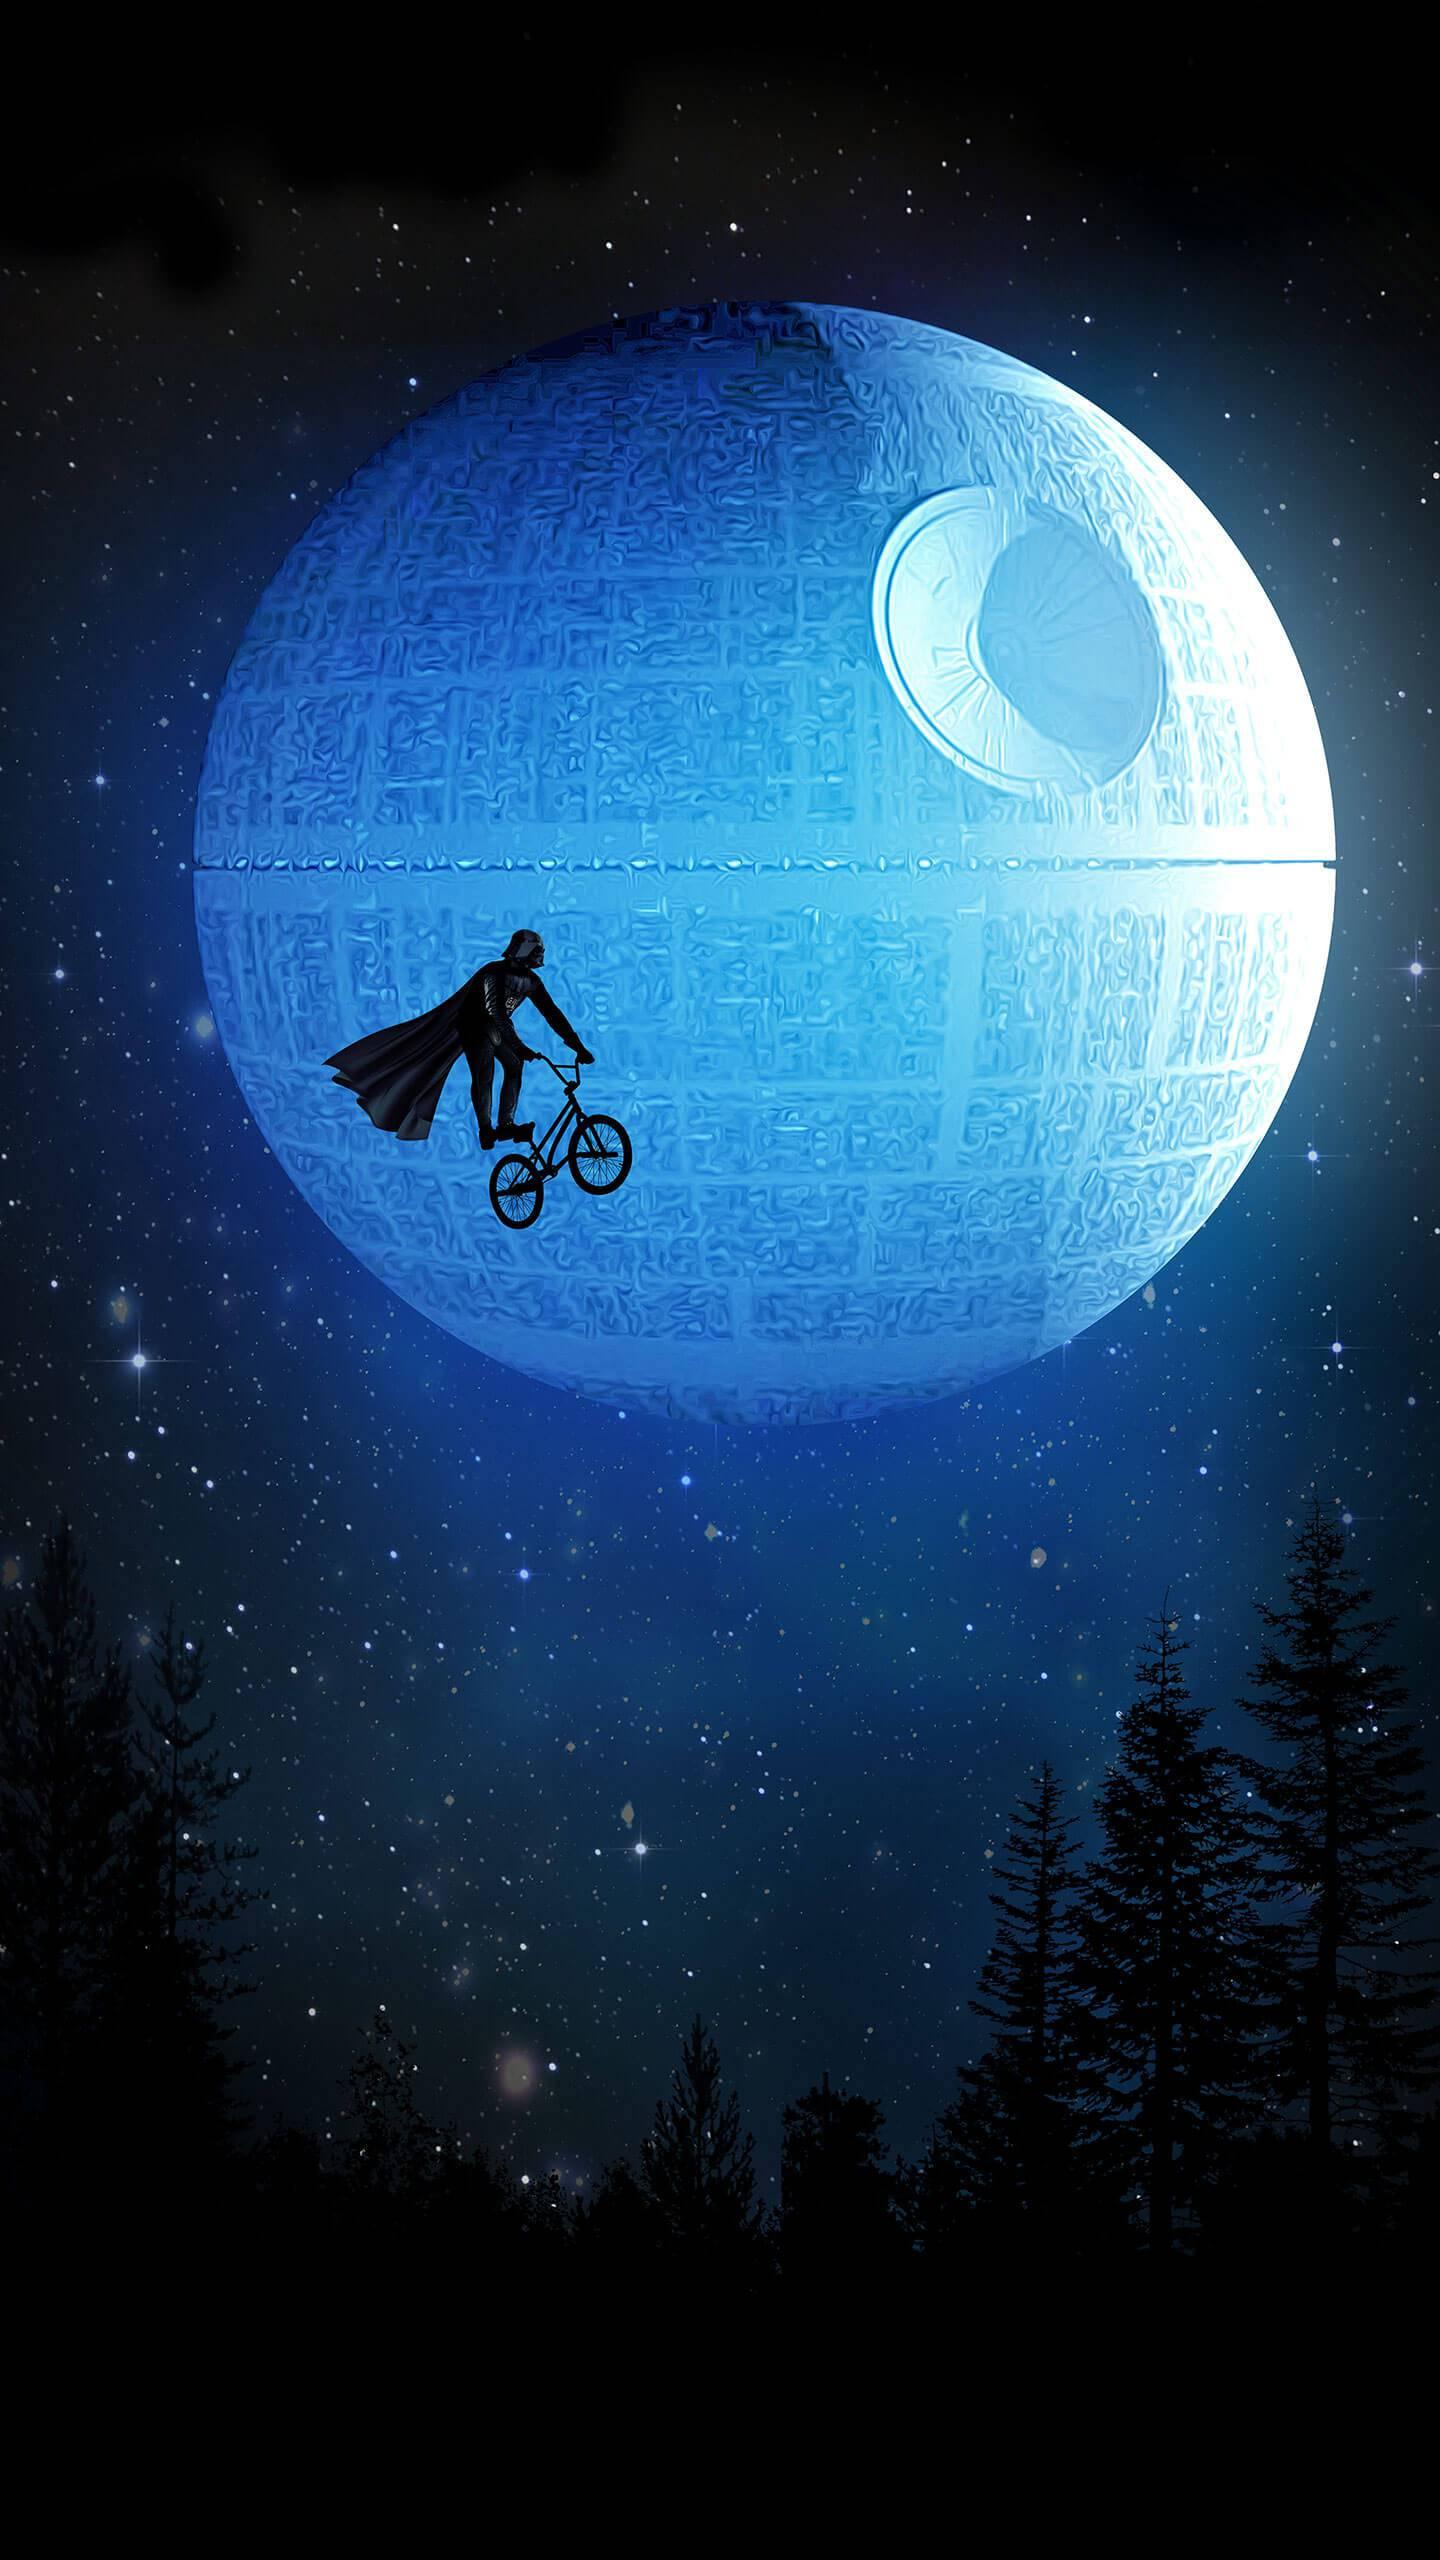 Darth Vader Fun iPhone Wallpaper